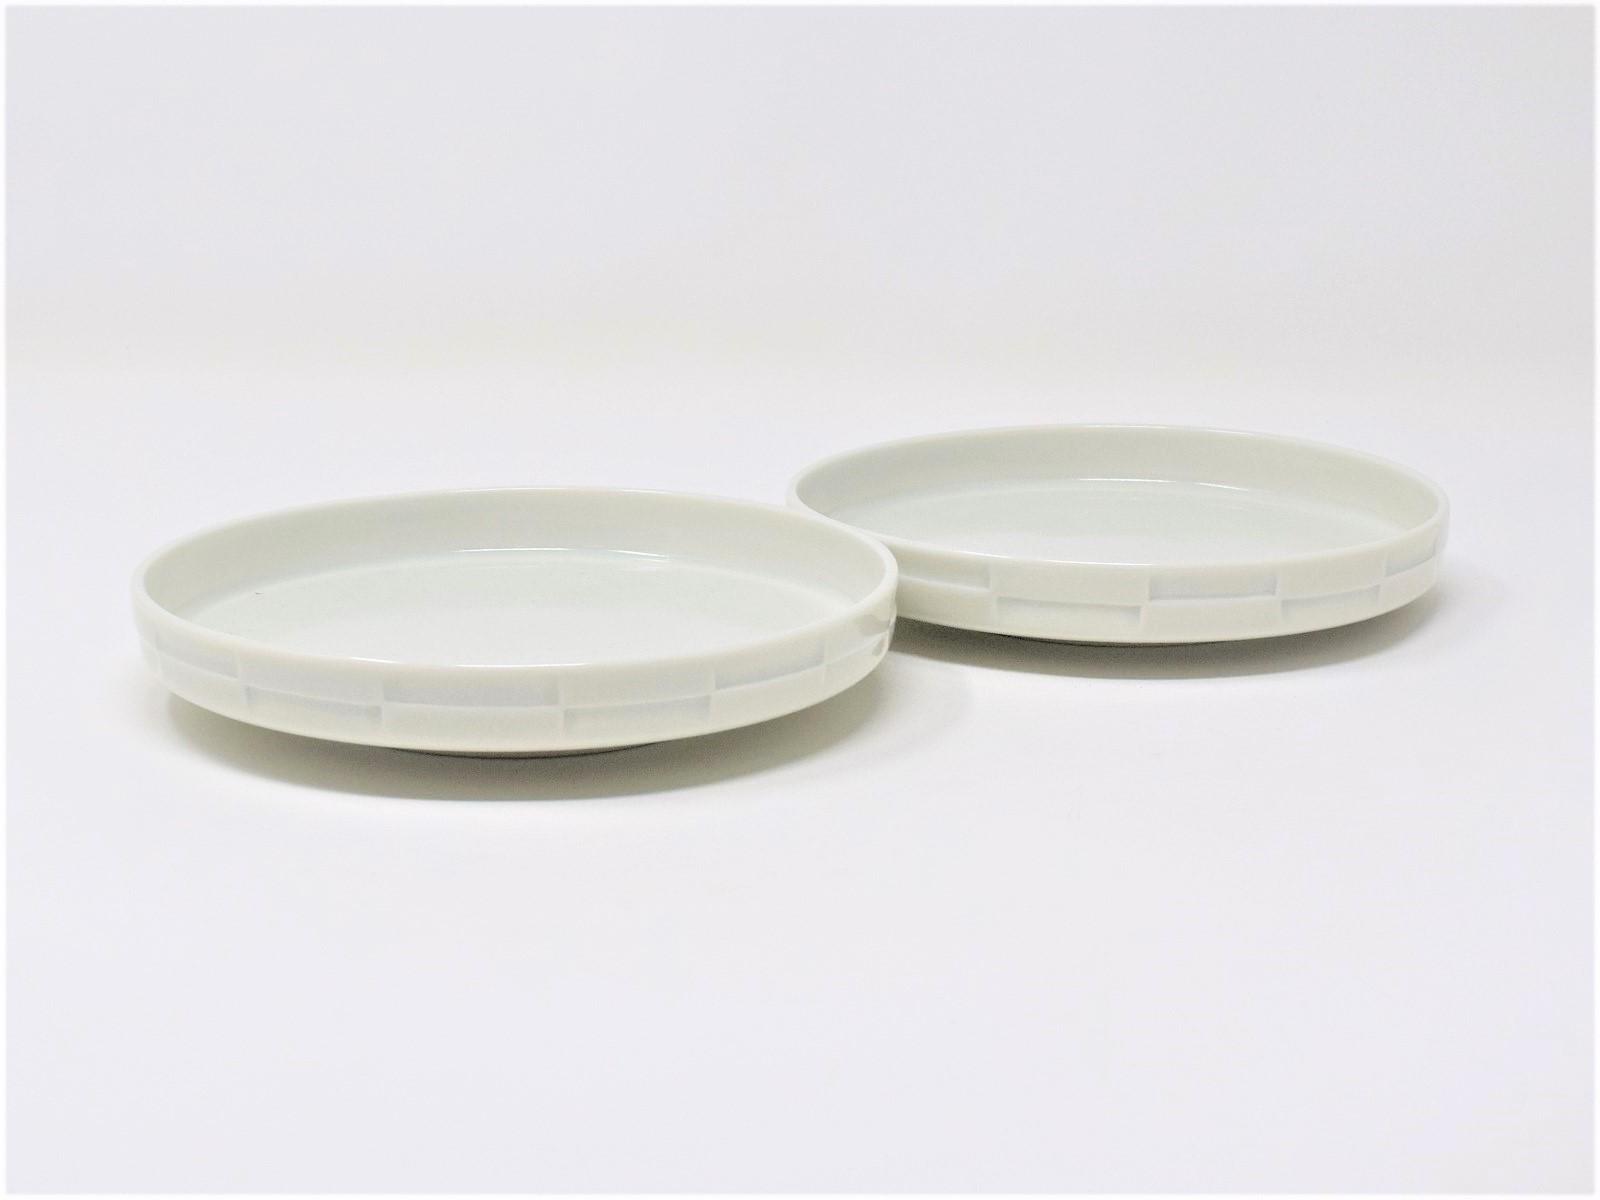 有田焼 窯元 博泉窯 青白磁彫文組皿 中村慎 作 陶芸家 手づくり きれいな青白磁 ペア セット 贈り物 小皿 取り皿 ギフト 食器 和食器